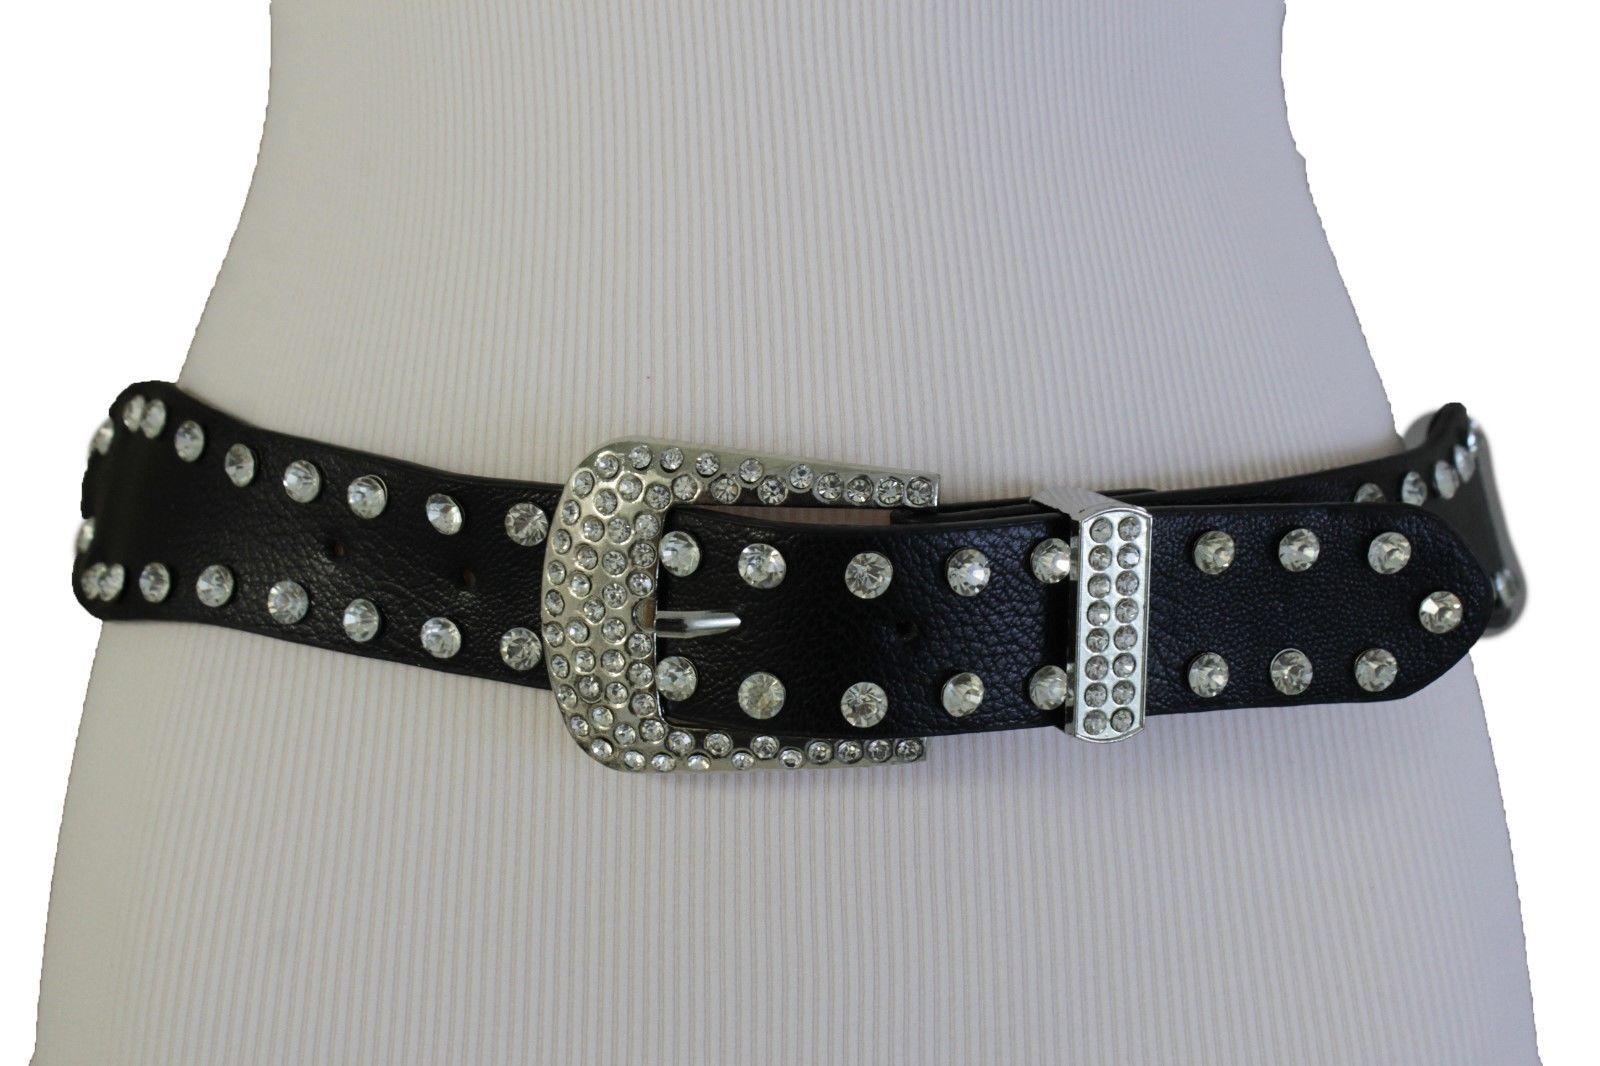 Damen West Gürtel Schwarz Geflochten Kunstleder Silber Perlen Metallschnalle